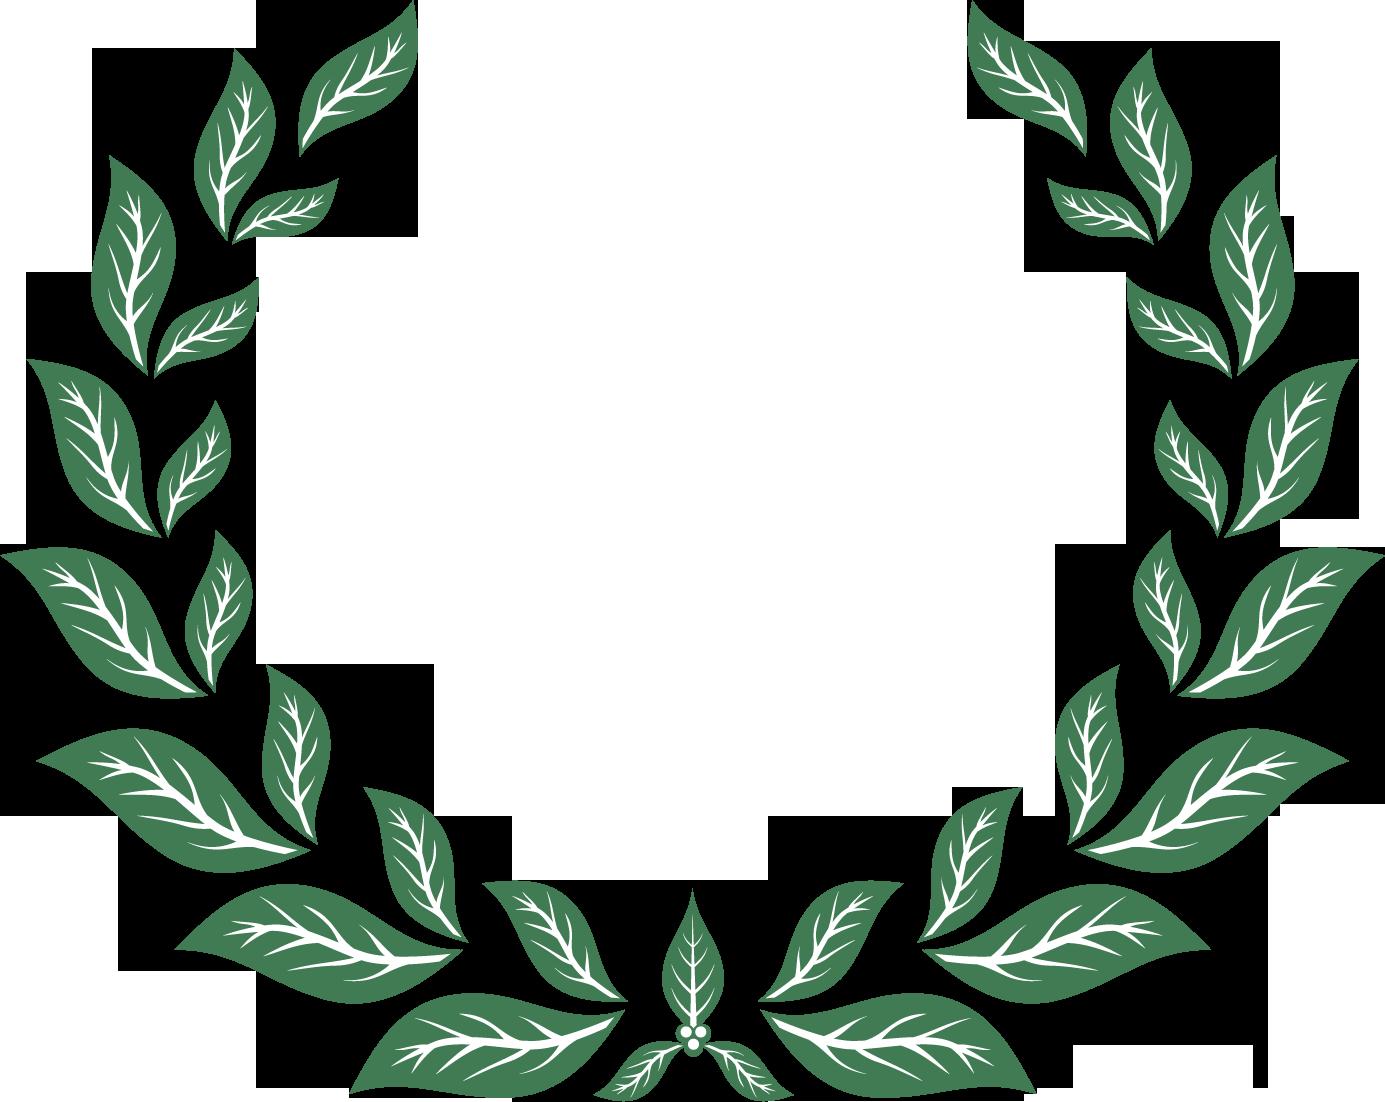 葉っぱや草木のイラスト・写真素材 『フレーム・囲い枠・タイトル窓』